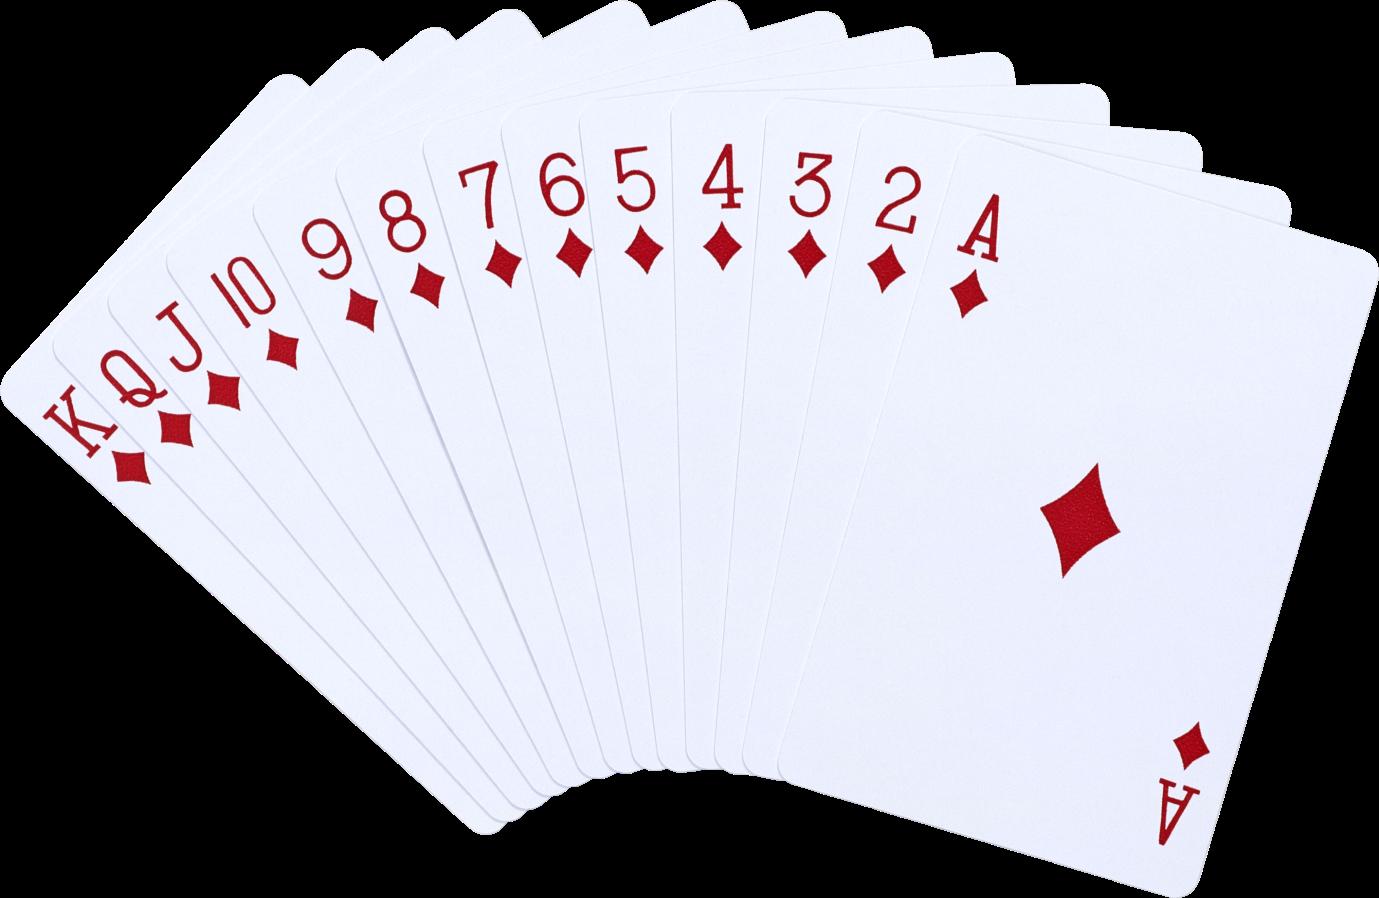 Tervetuloa Casinohuone kampanjakoodi –sivustollemme. Täältä löydät runsaasti tietoa kaikesta nettikasinoihin liittyvästä. Tässä artikkelissa käsittelemme muun muassa seuraavia aiheita: nettikasinot, parhaat bonuskoodit vuonna 2017, isoimmat ilmaiskierrokset, kampanjakoodit 2017 ja uusimmat pelit jota voit pelata Casinohuoneella  casinohuone-kampanjakoodi, http://casinohuone-kampanjakoodi.com/